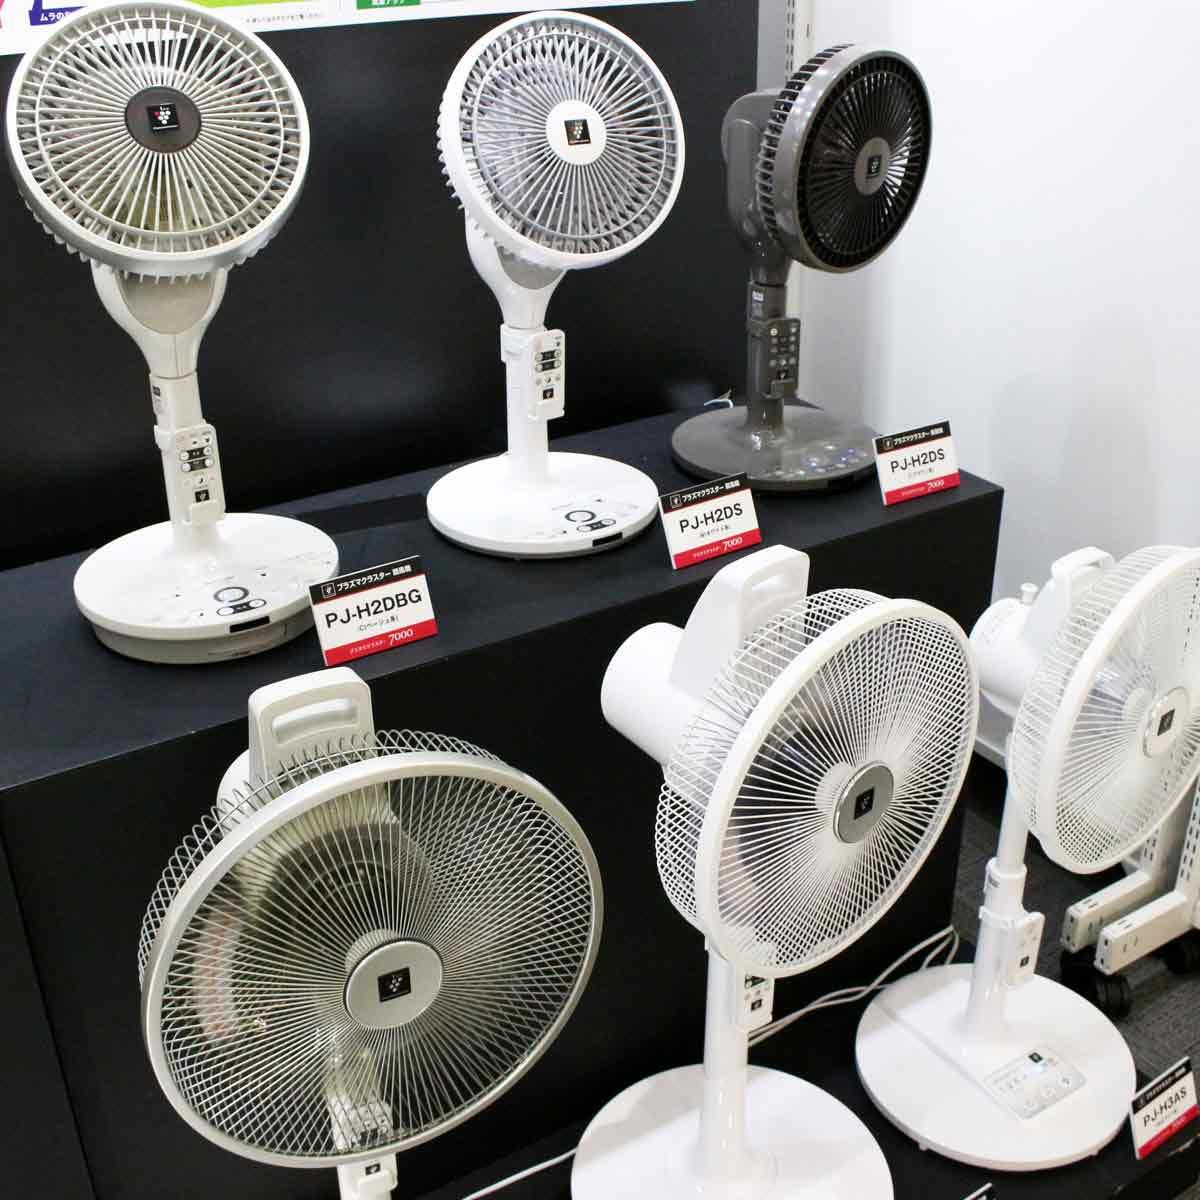 暑くてジメジメする季節に役立つ! シャープの2018年夏物家電を見てきた